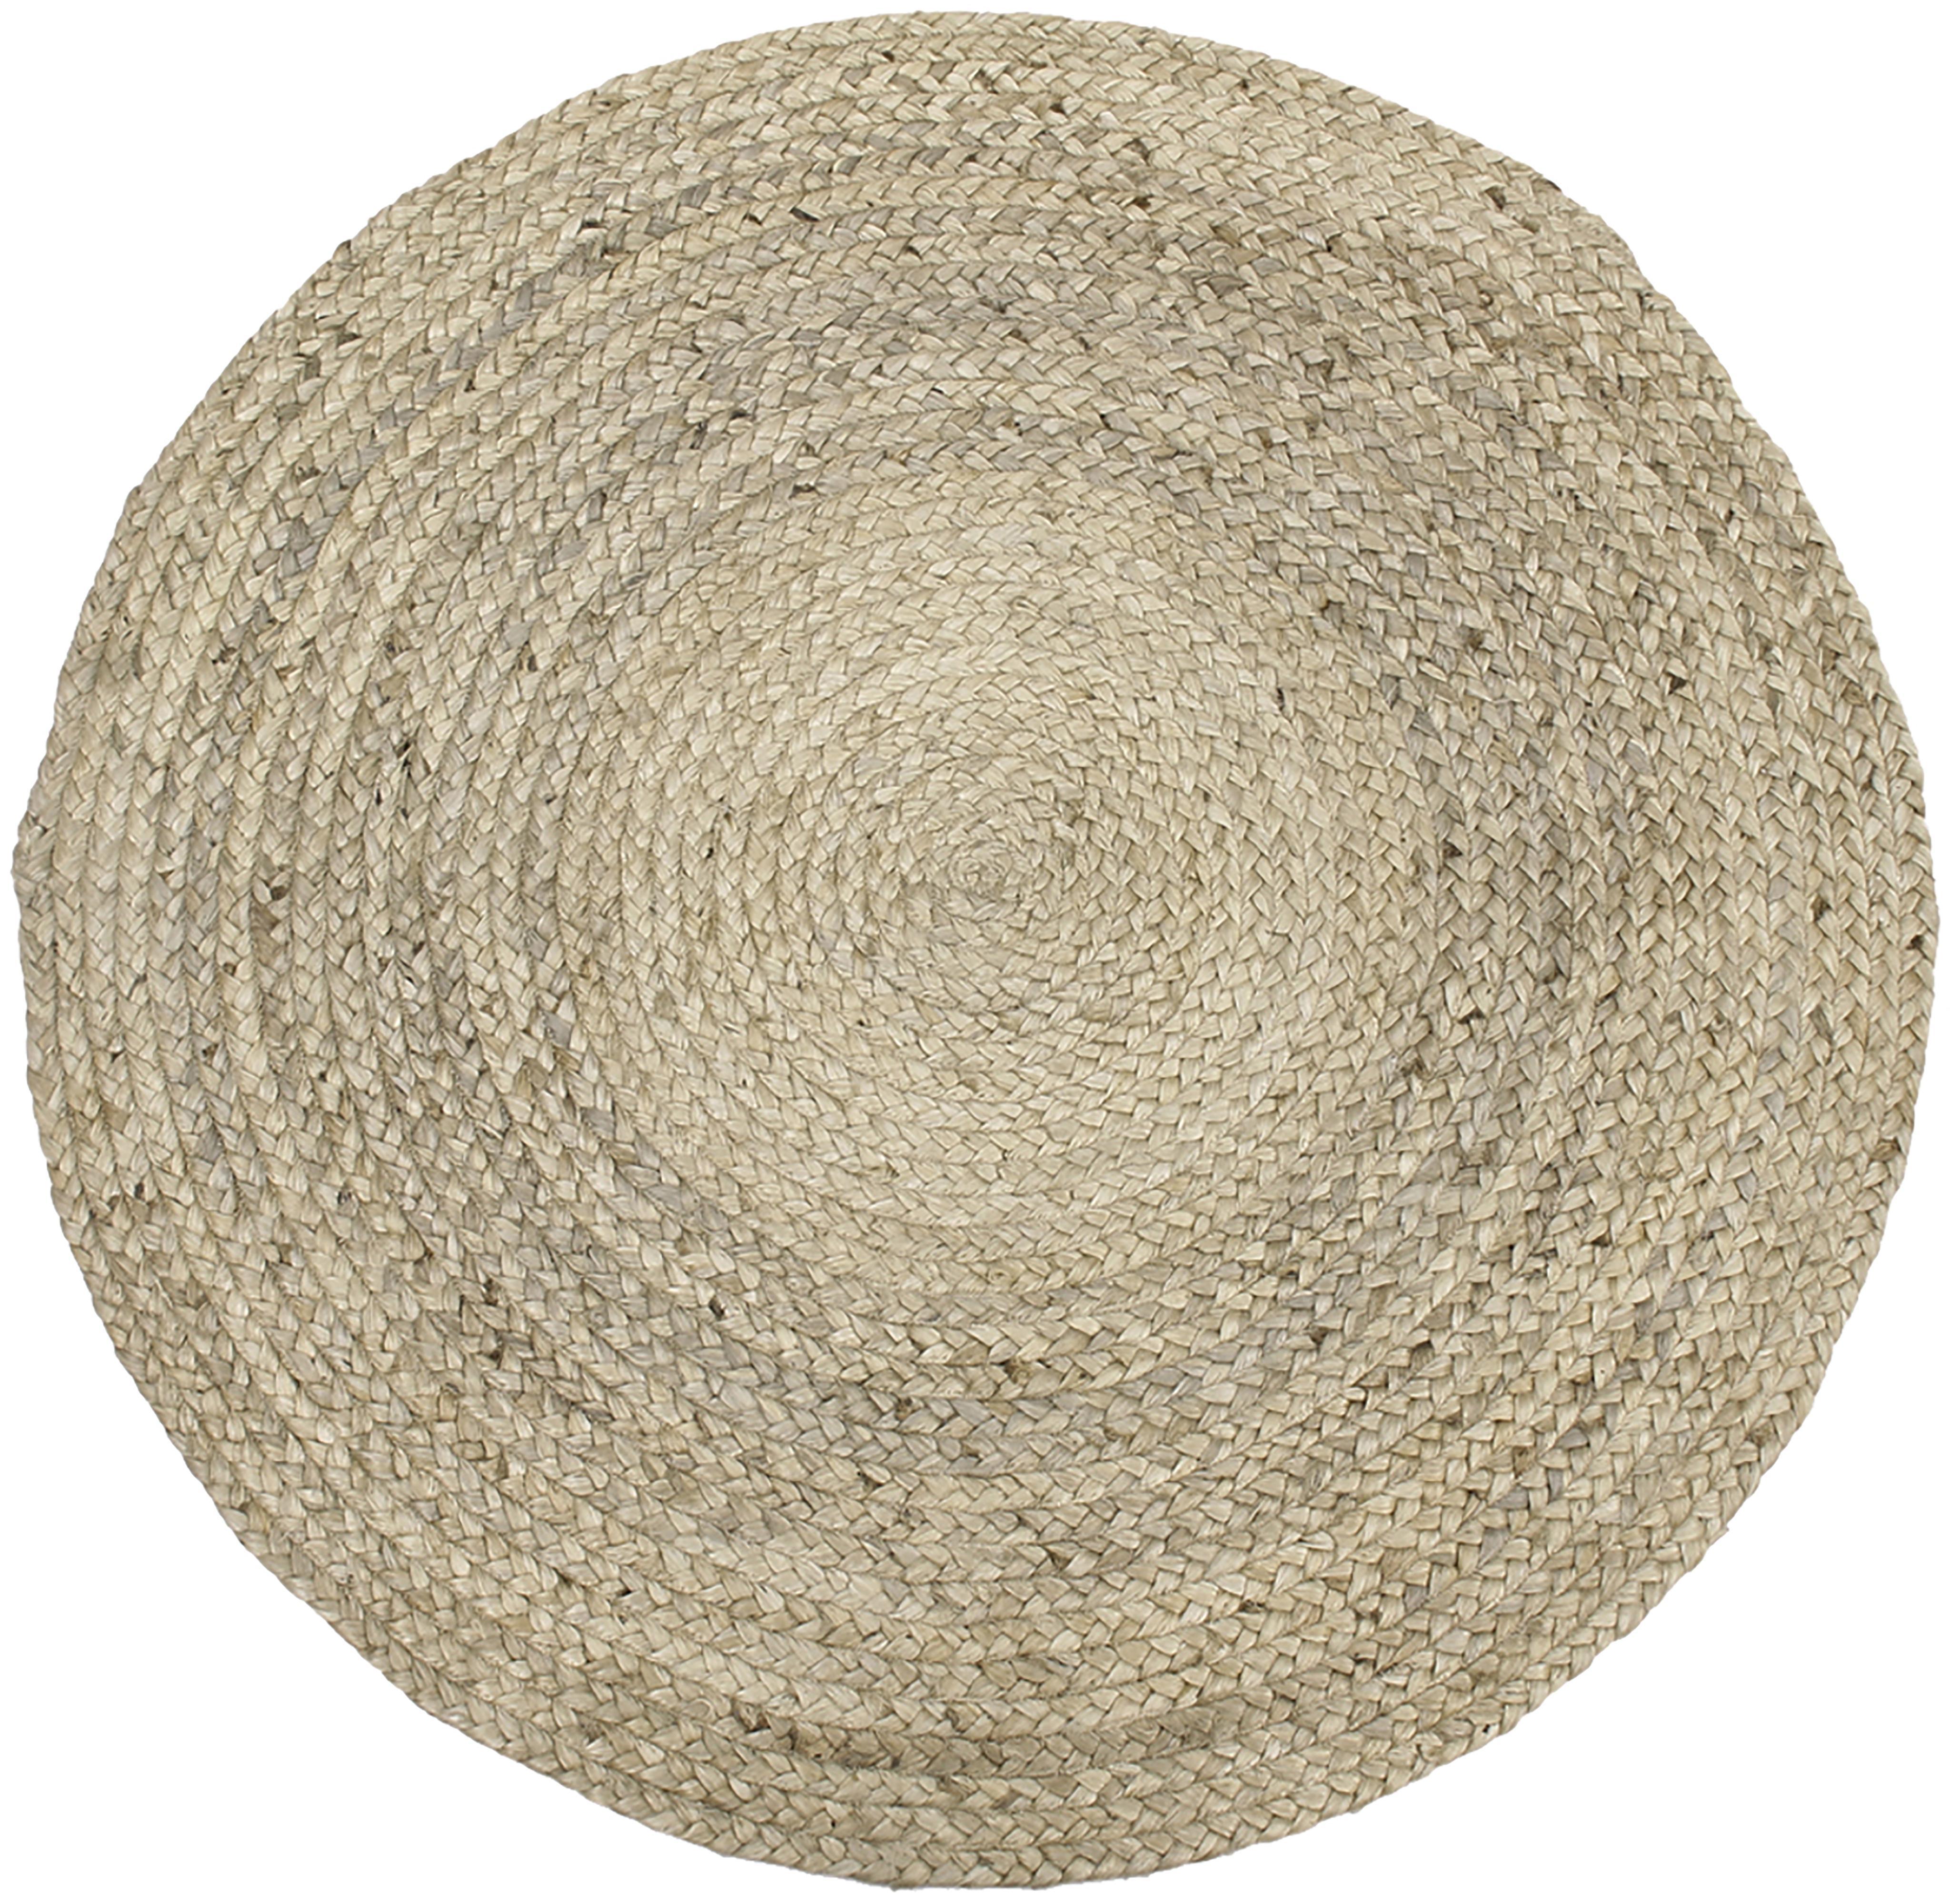 Runder Jute-Teppich Sharmila, handgefertigt, Beige, Ø 100 cm (Größe XS)